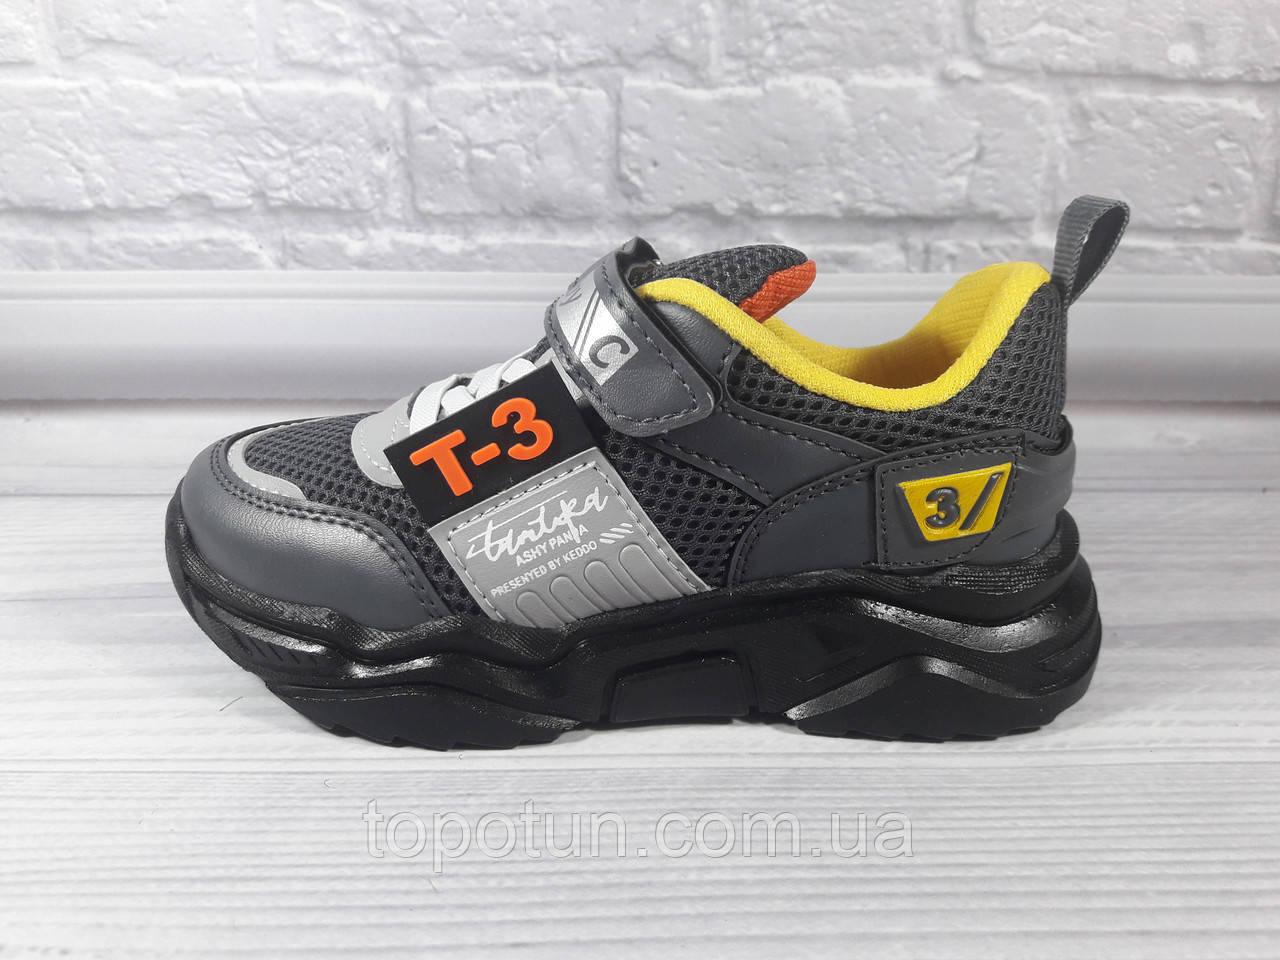 """Детские кроссовки для мальчика """"Carby"""" Размер: 31,32,33,34,35"""